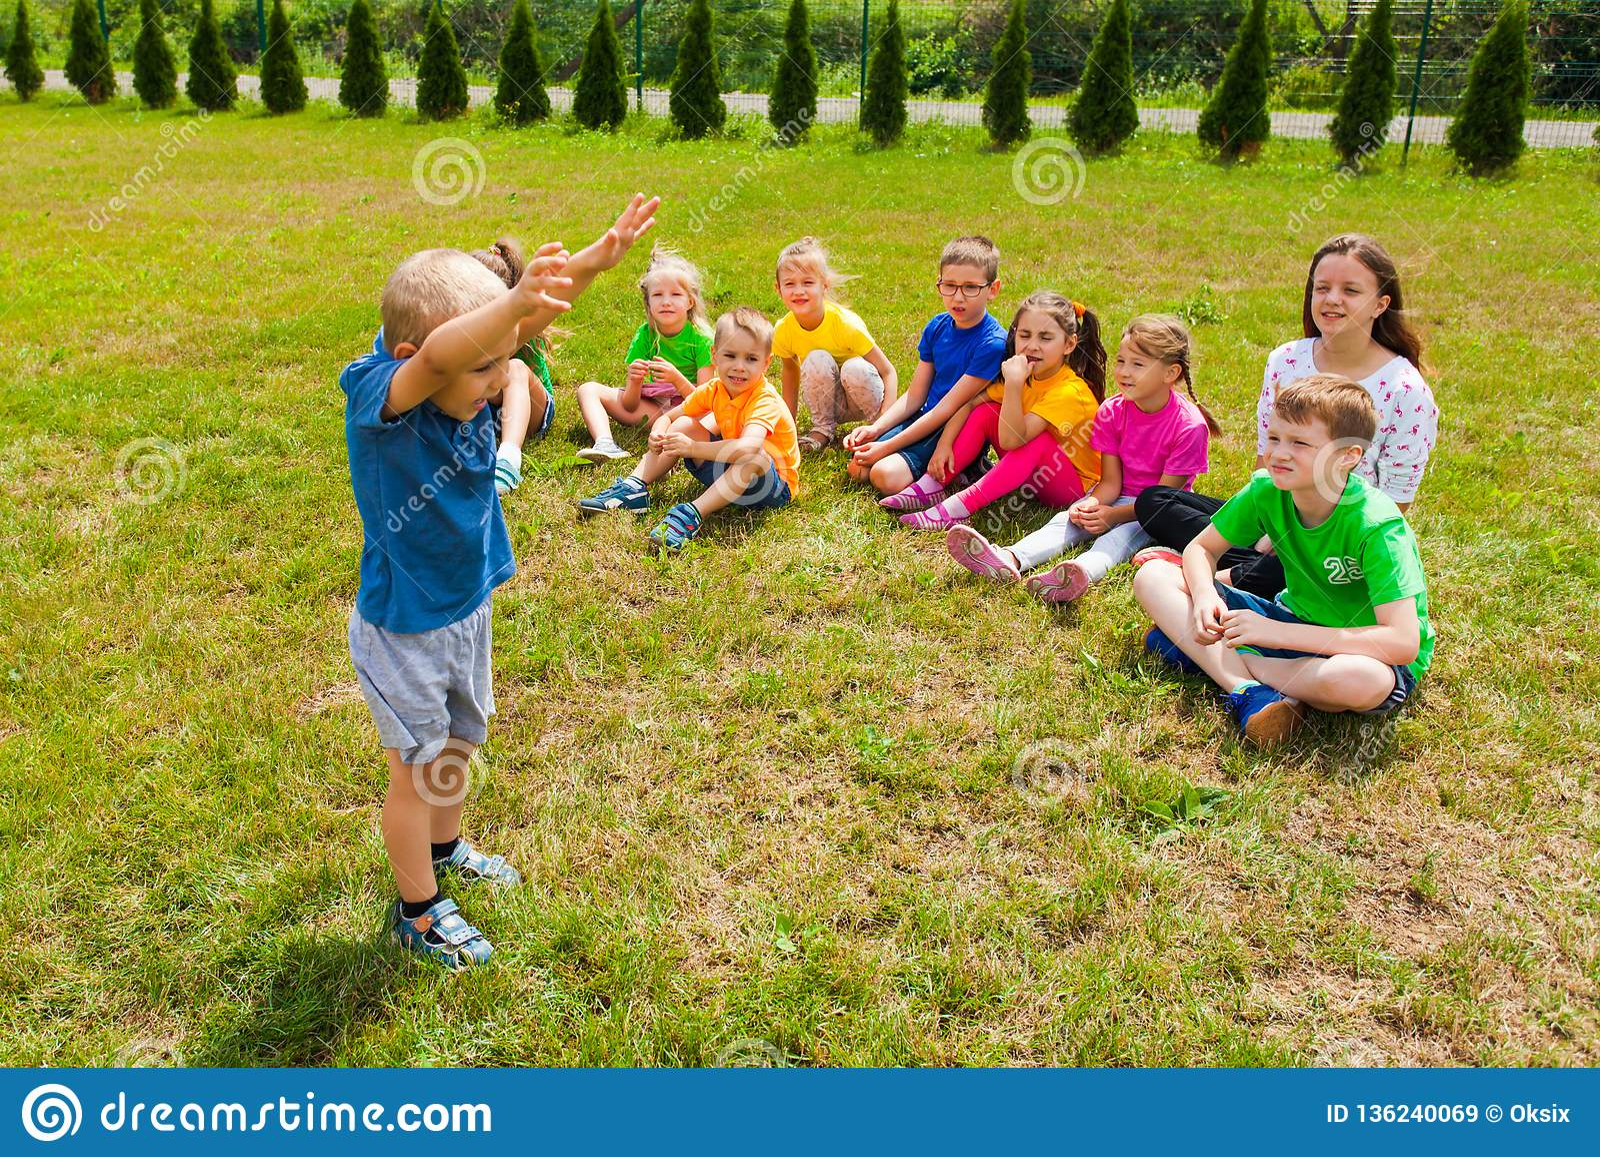 Reizende Jungenstellung vor Gruppe Kindern